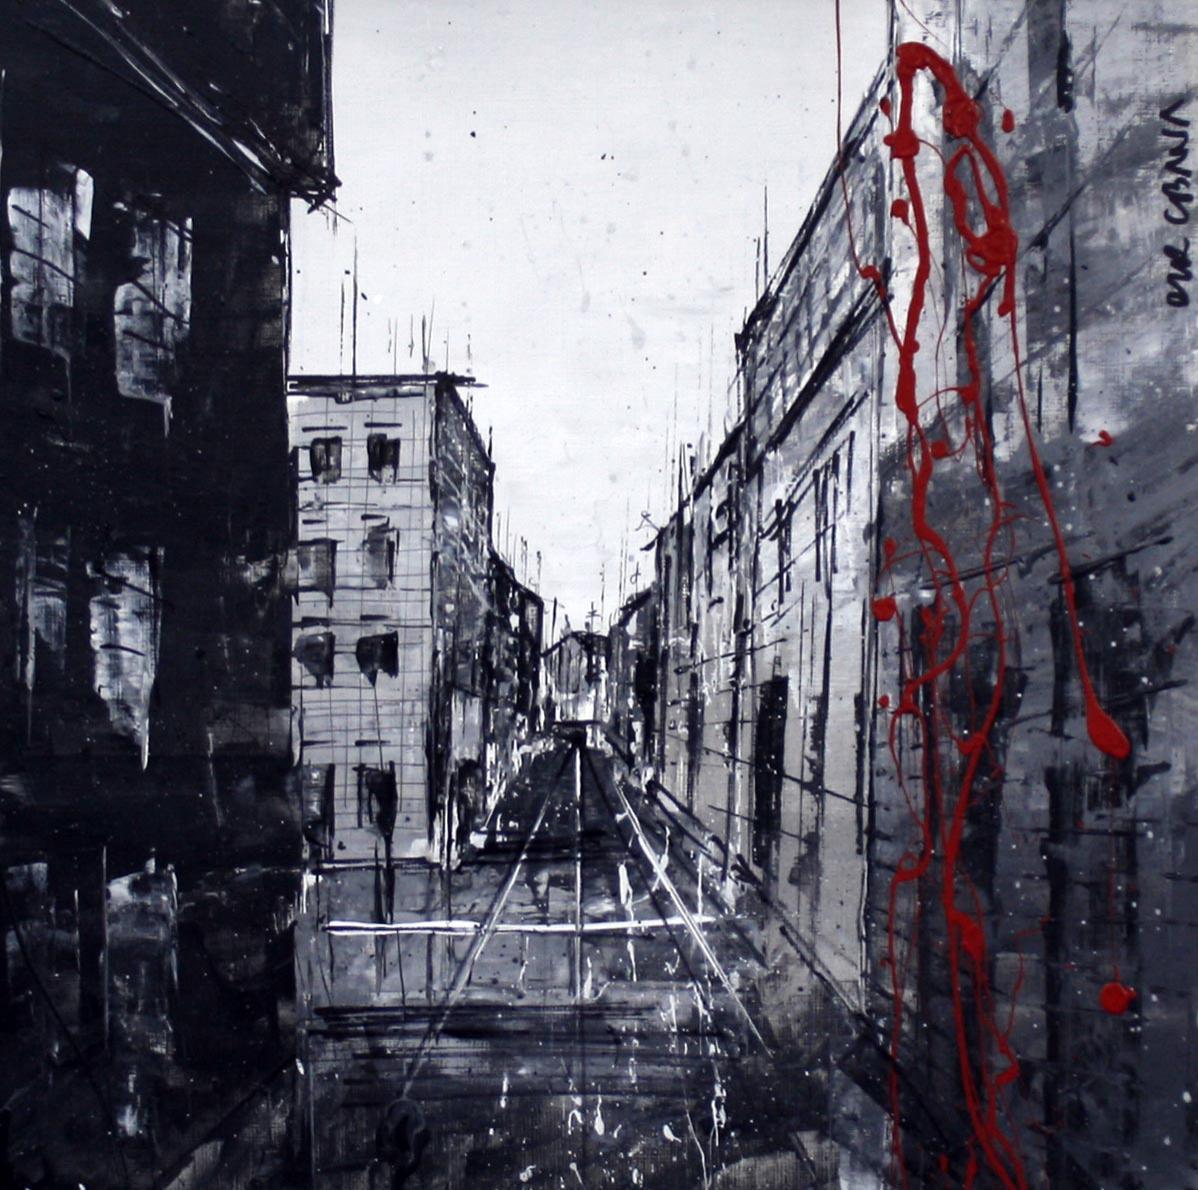 553_c/ cualquiera_30x30cm_mixed on paper